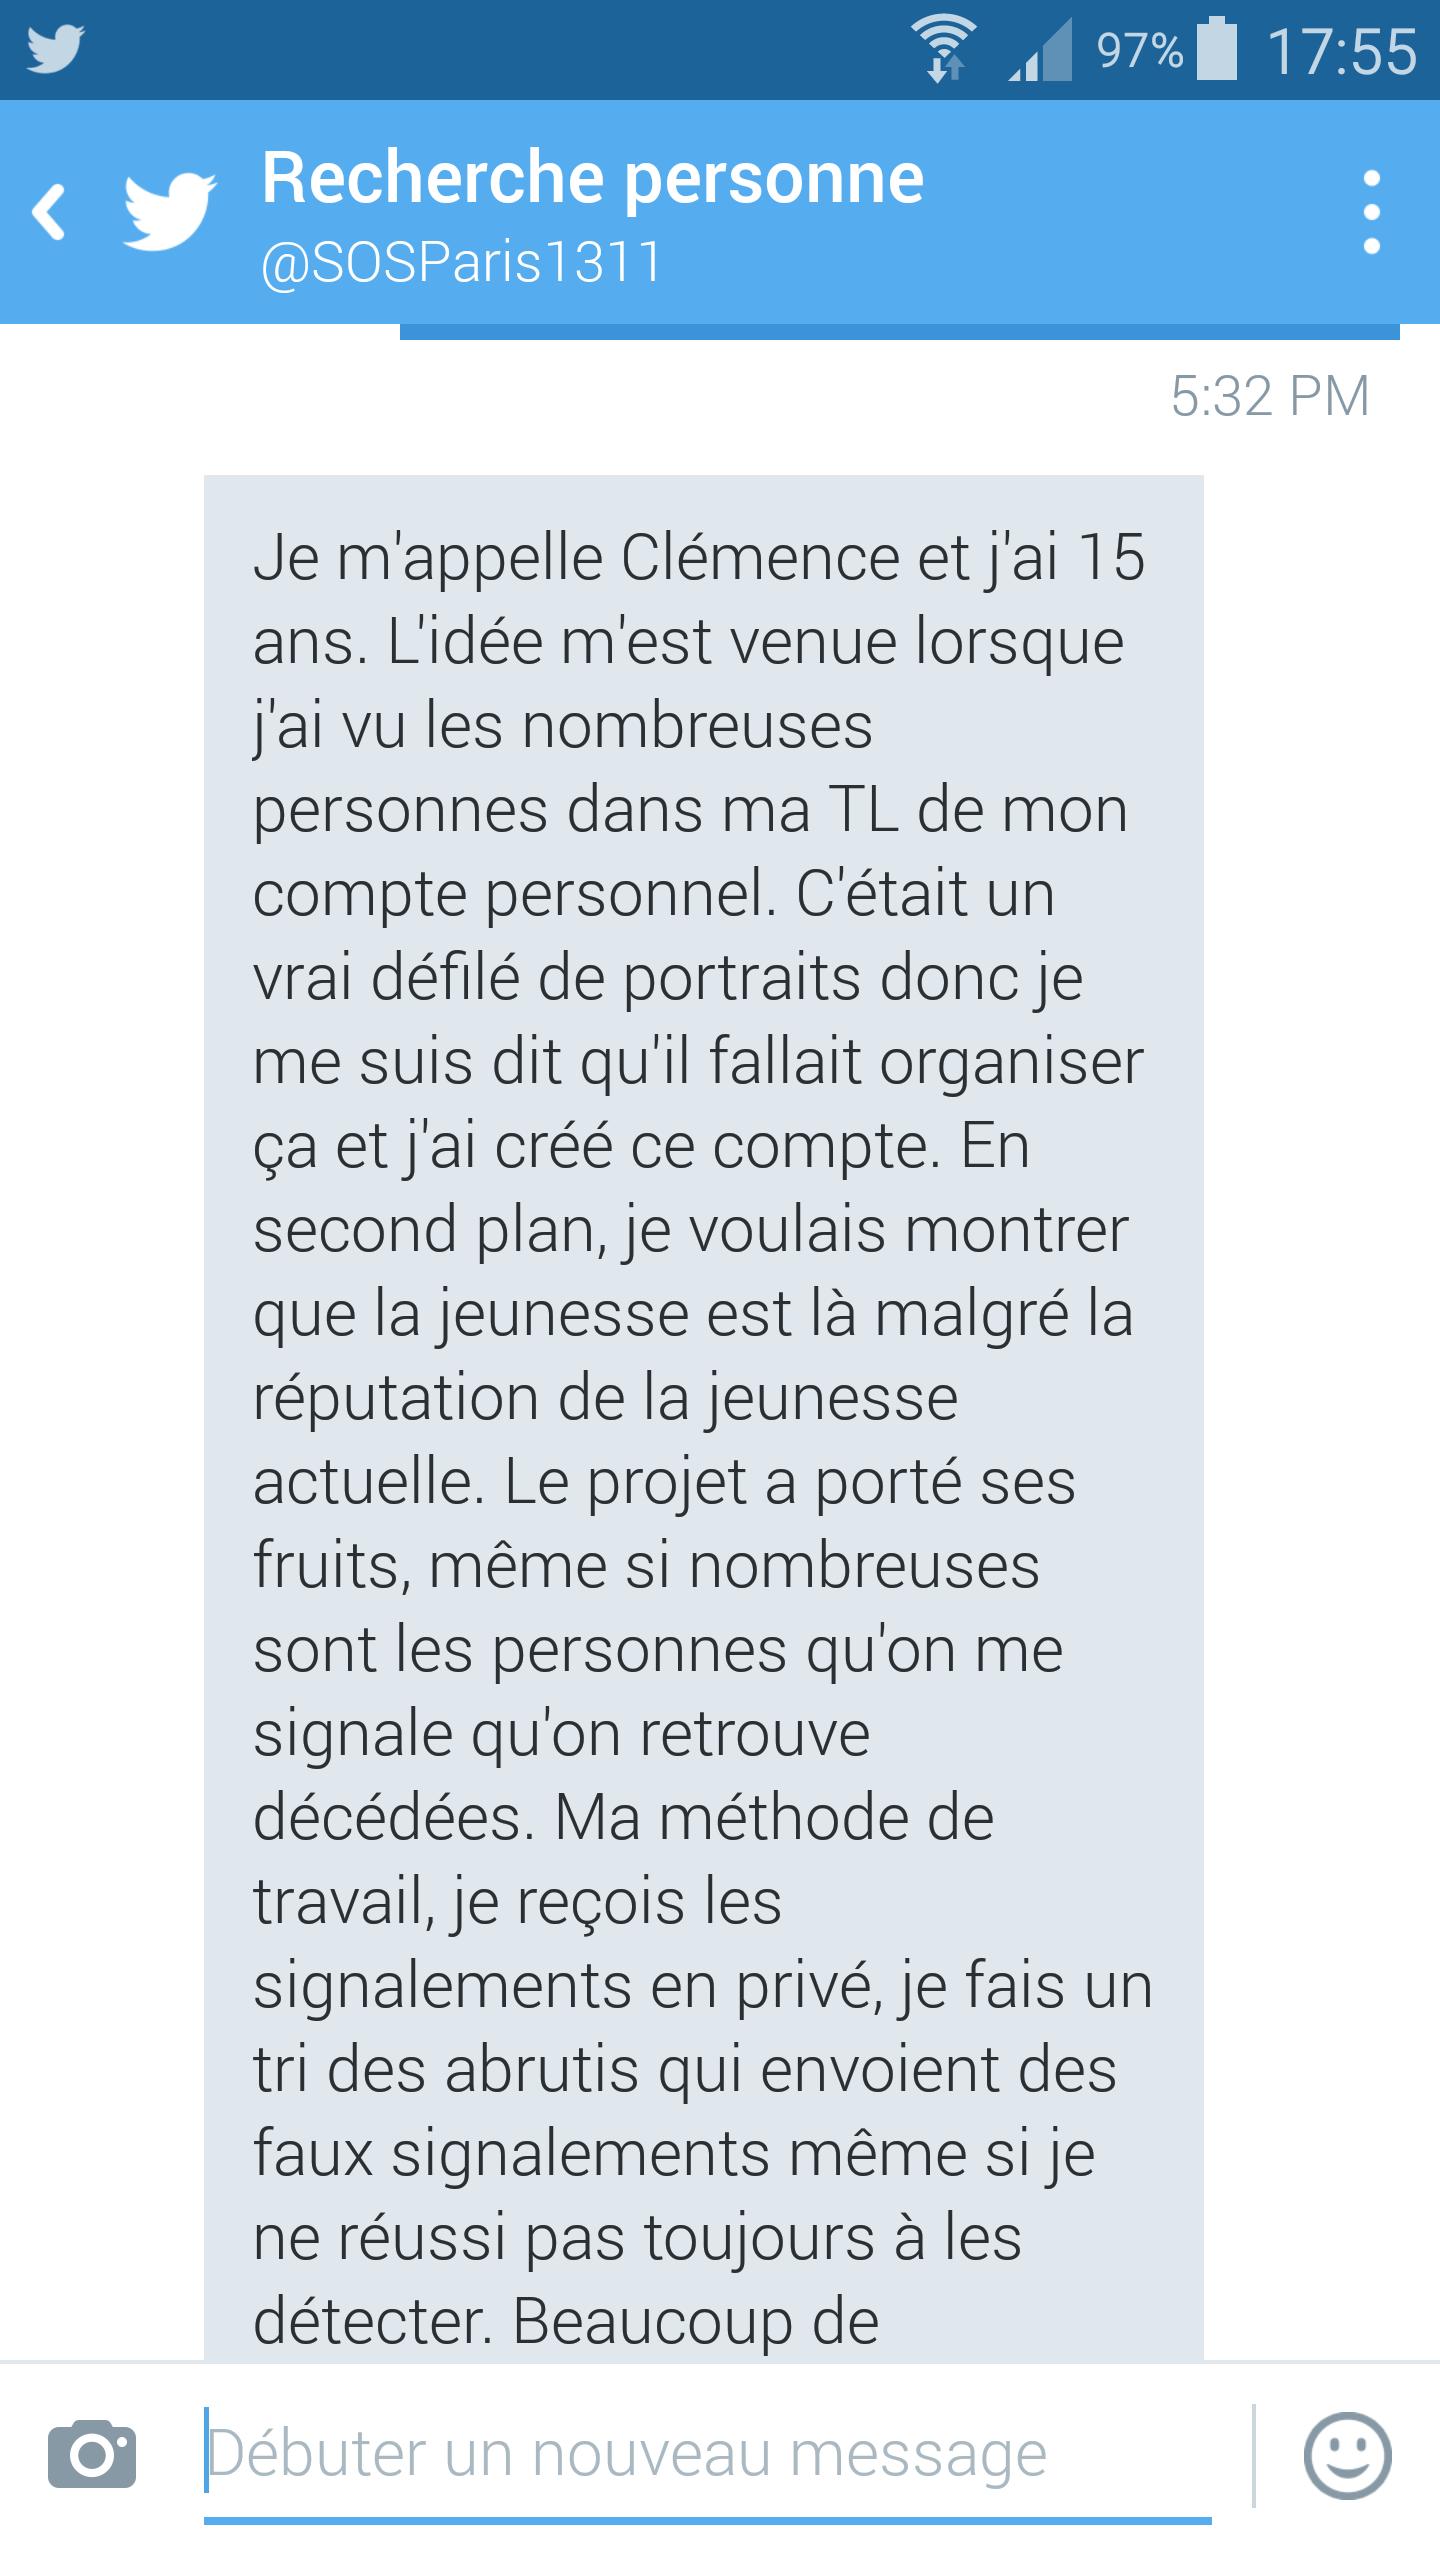 Attentats à Paris A 15 ans, elle crée un compte twitter pour aider les disparus